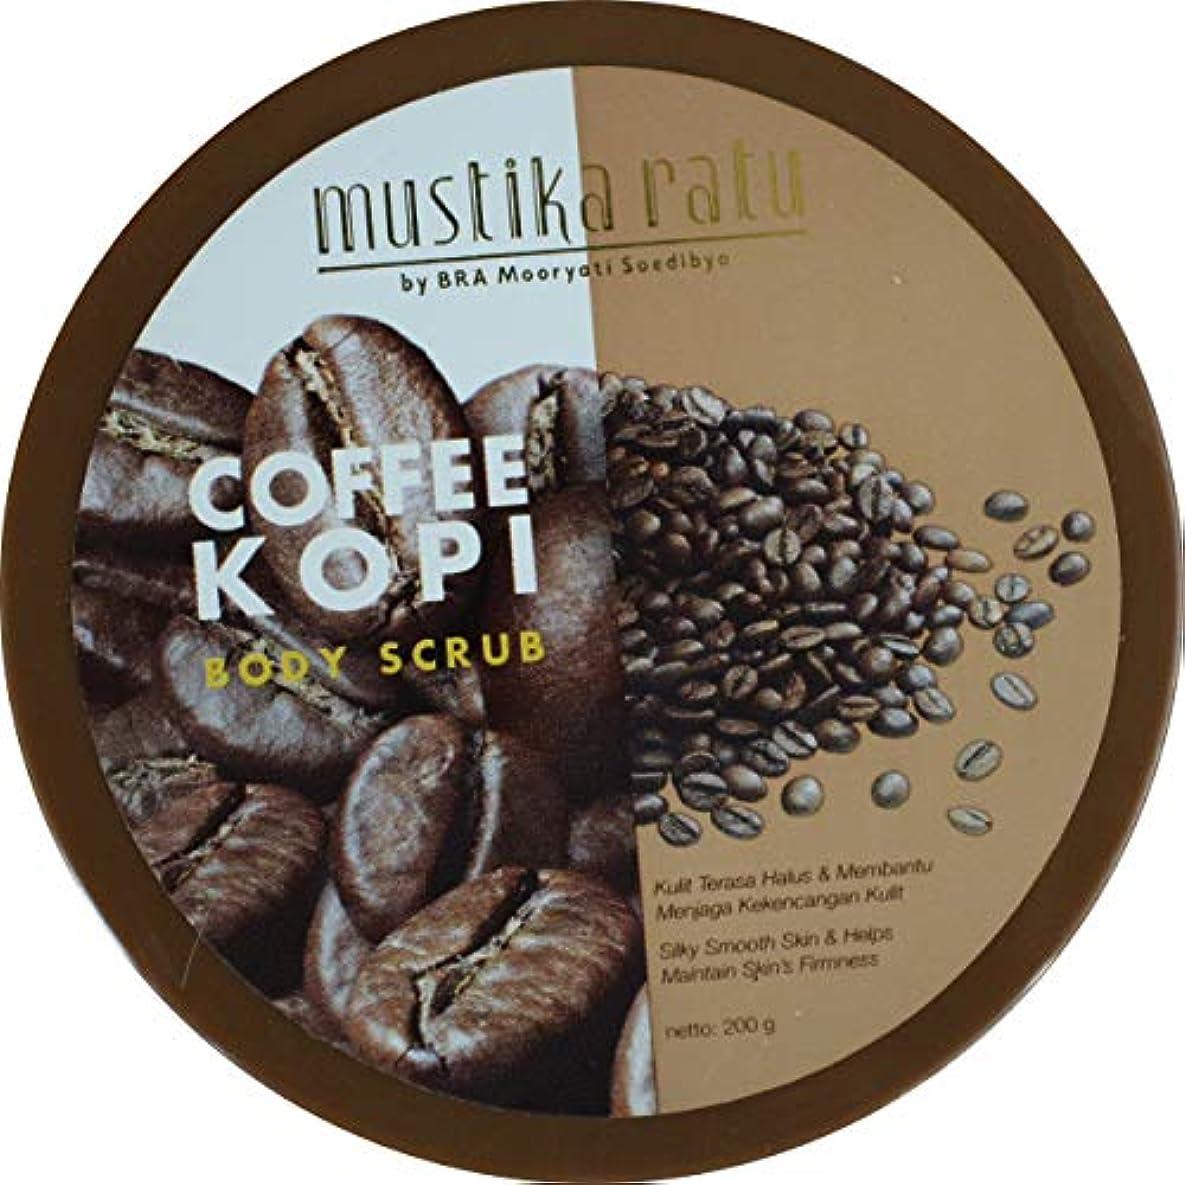 チューインガム気付く継承Mustika Ratu インドネシア200グラム単位でのコーヒーボディスクラップ